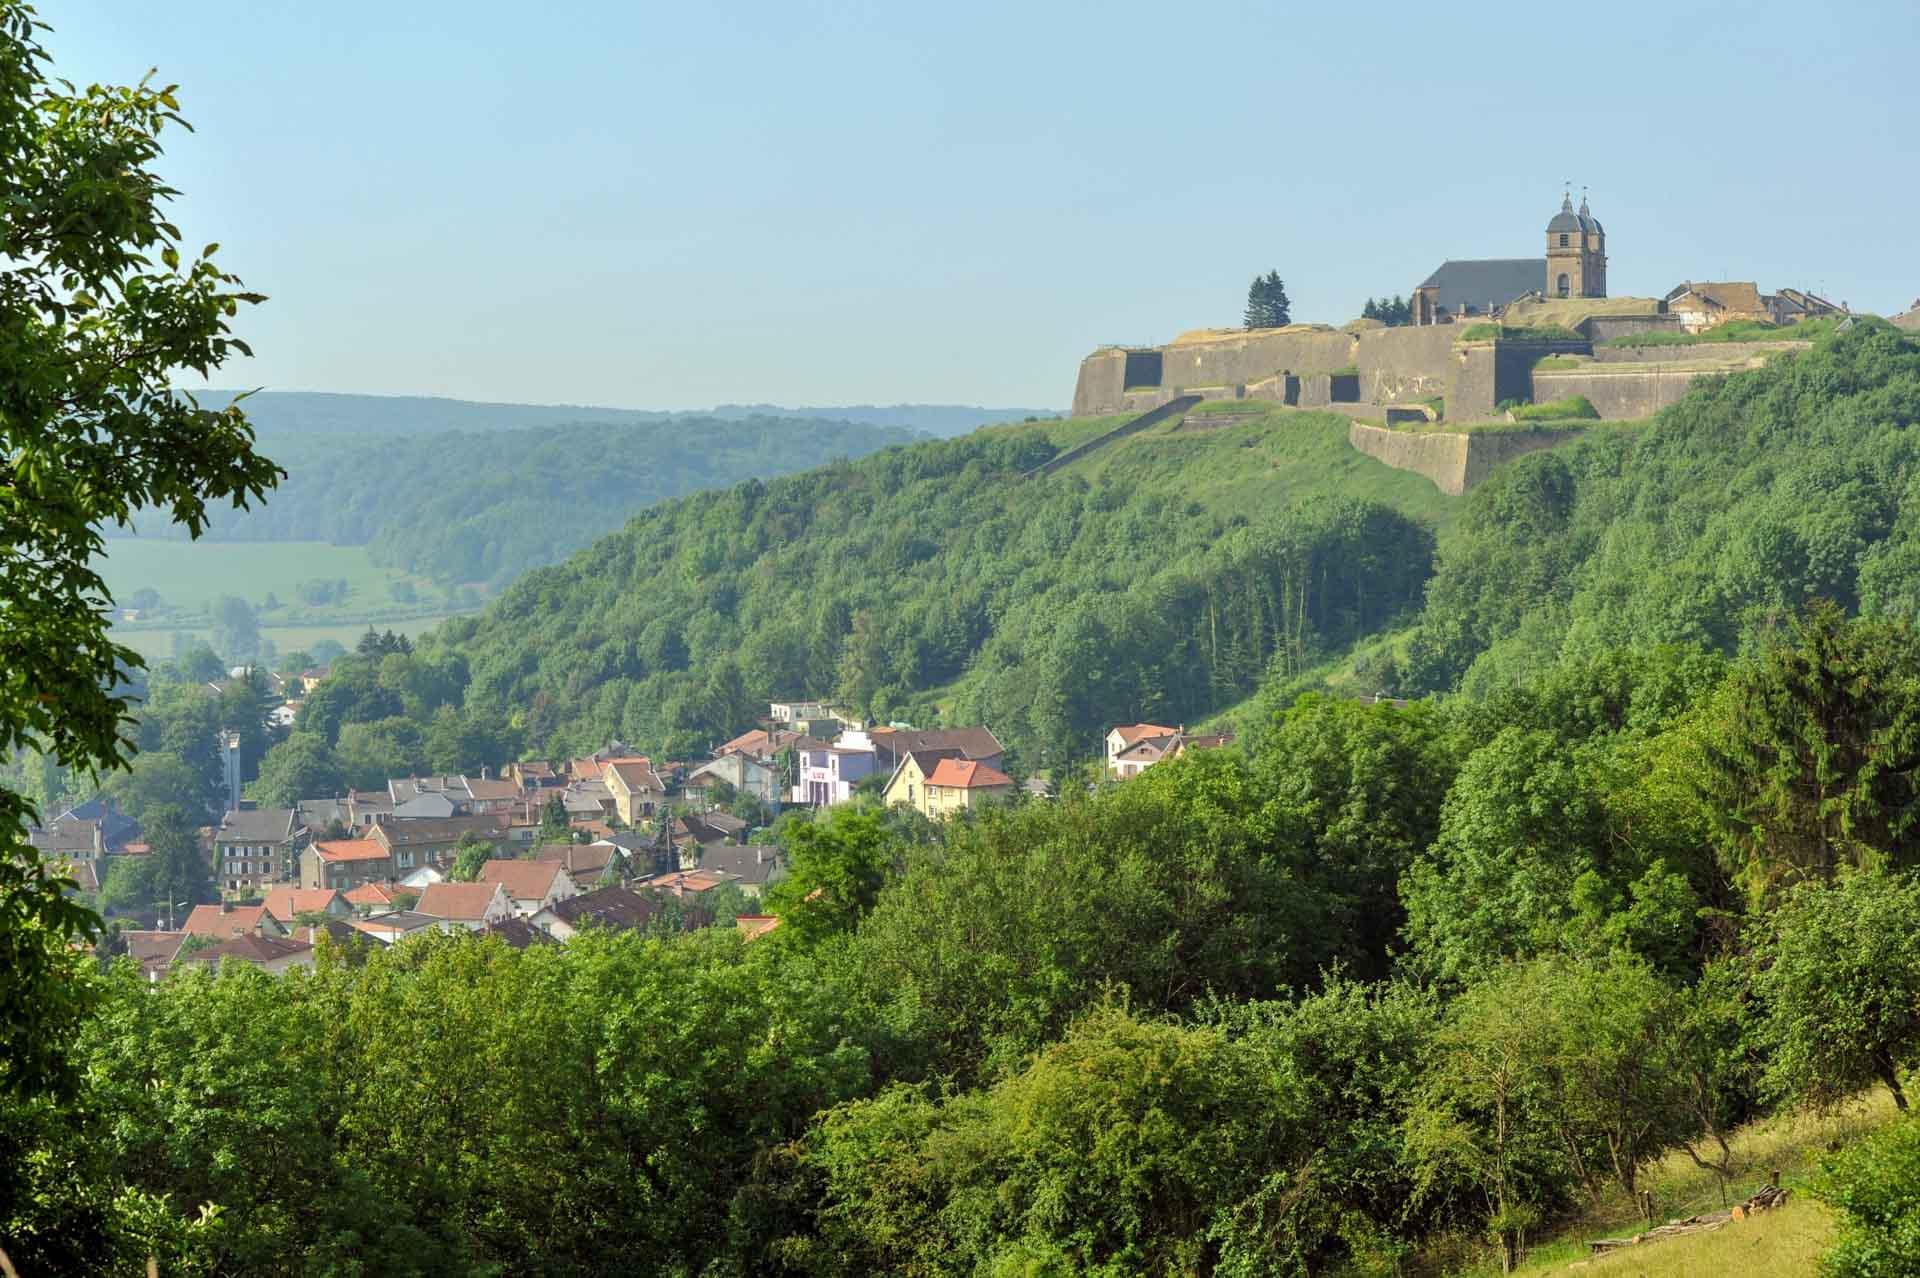 La citadelle de Montmédy © La Lorraine gaumaise - Michel Laurent